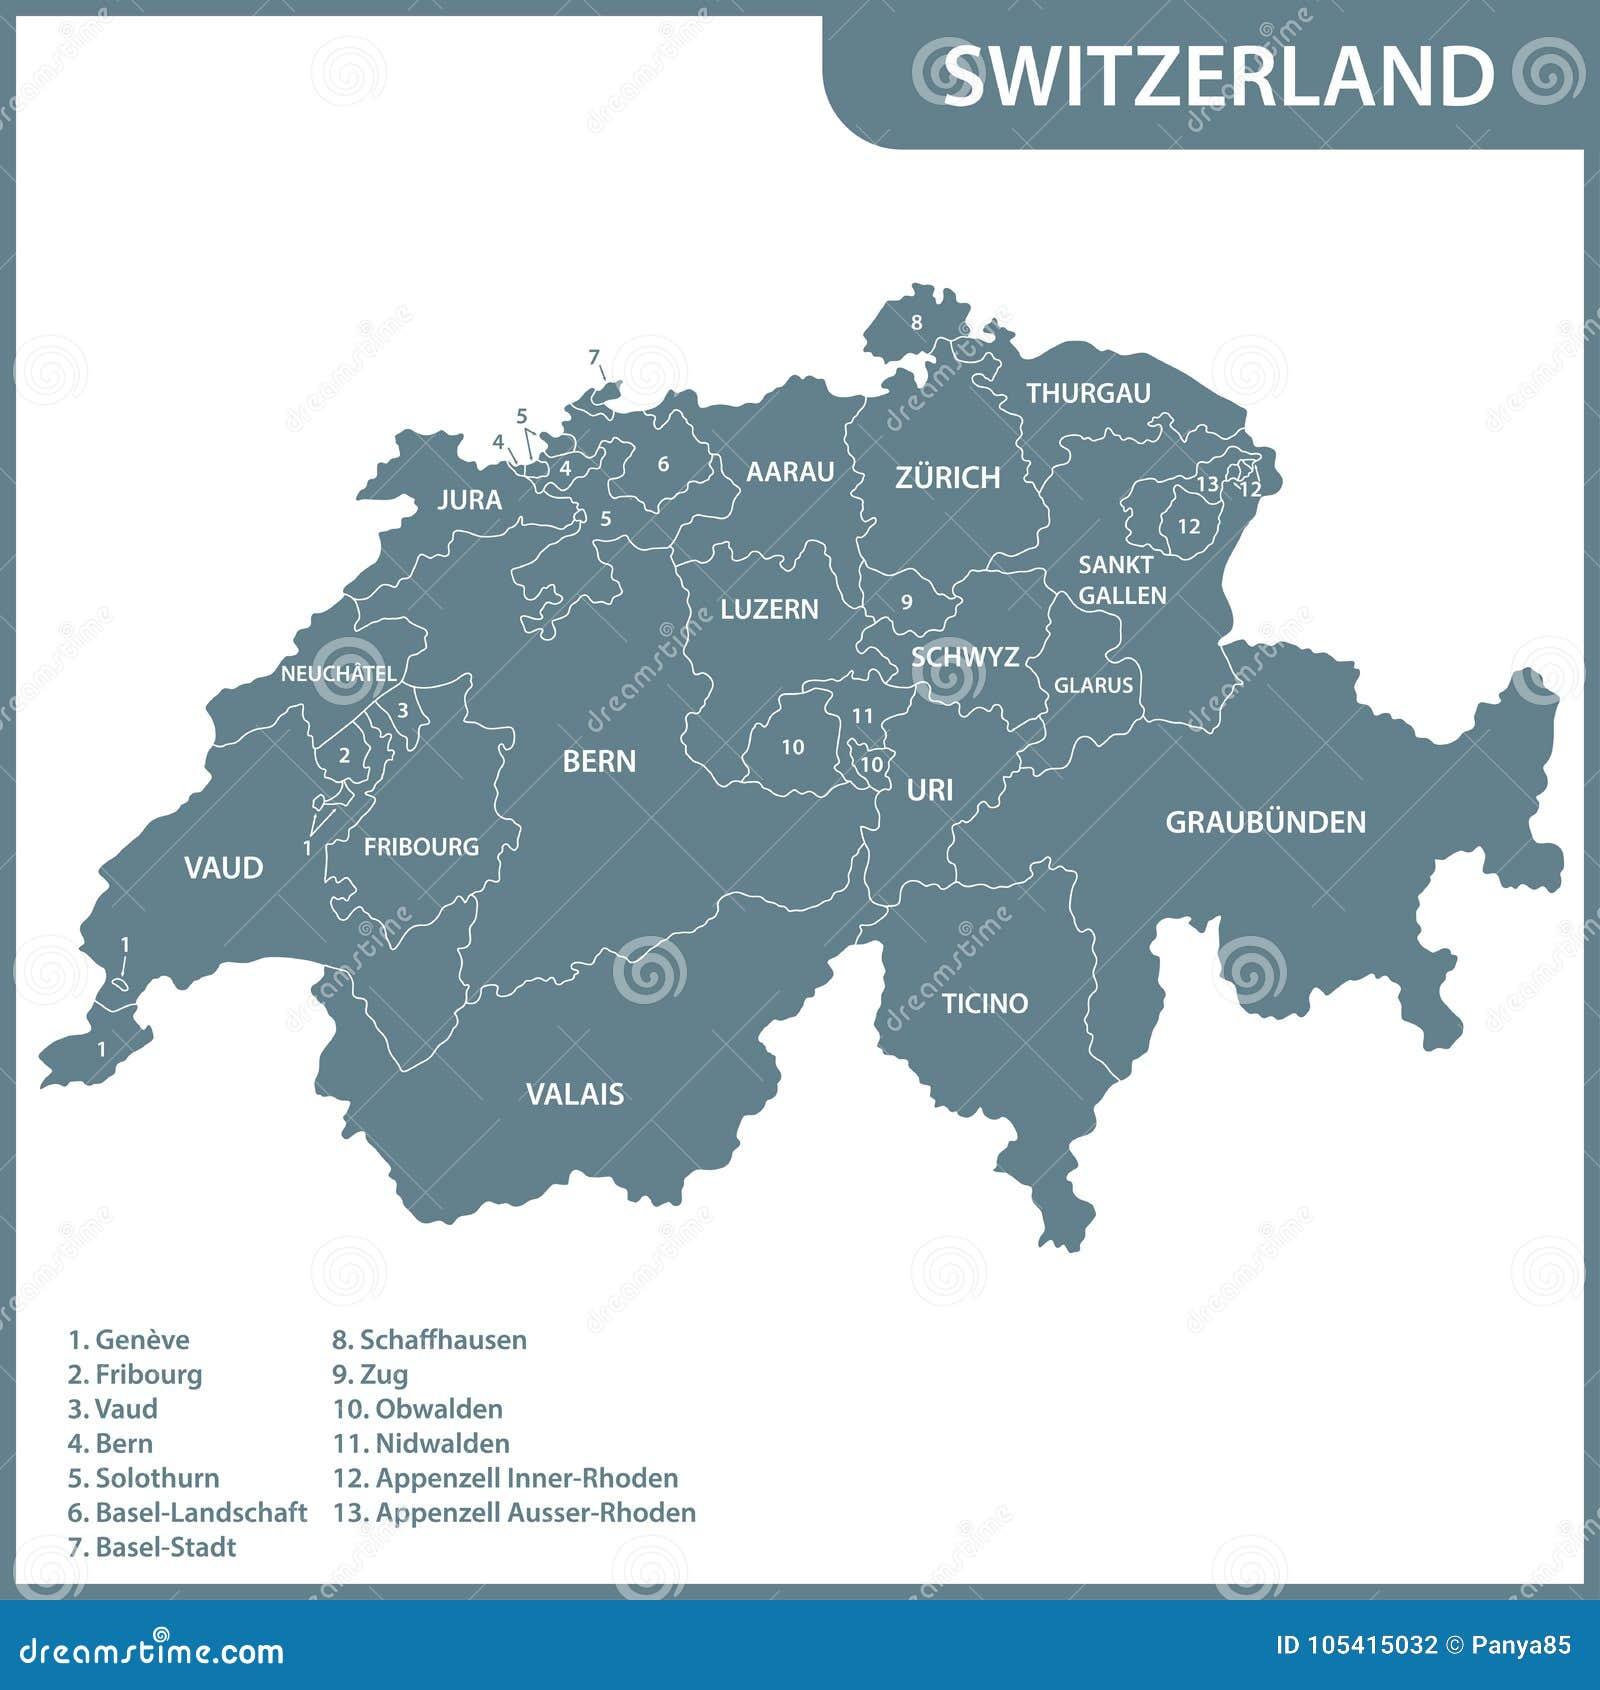 Dettagliata Cartina Della Svizzera.La Mappa Dettagliata Della Svizzera Con Le Regioni O Gli Stati Illustrazione Vettoriale Illustrazione Di Regione Tracciato 105415032